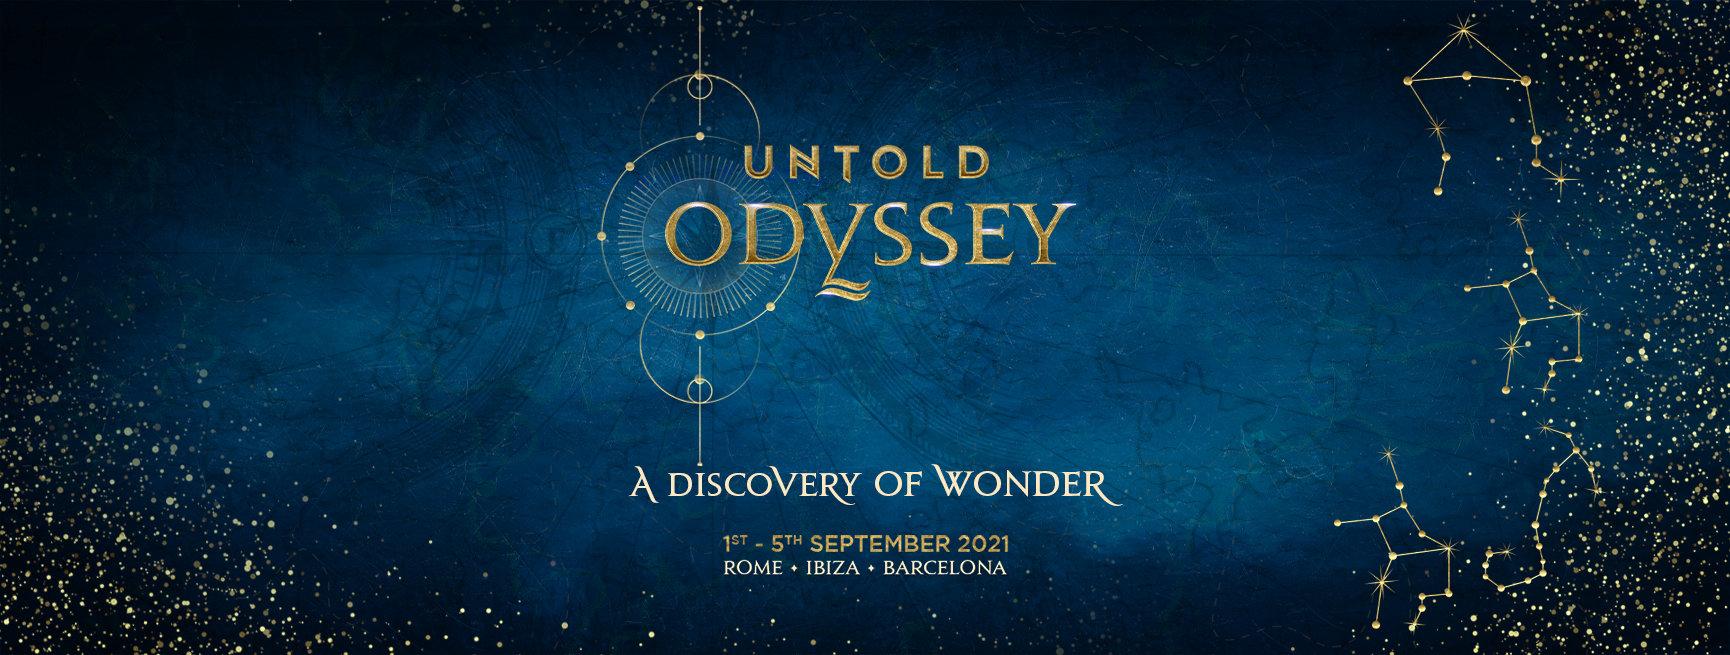 Untold Odyssey, croaziere.co